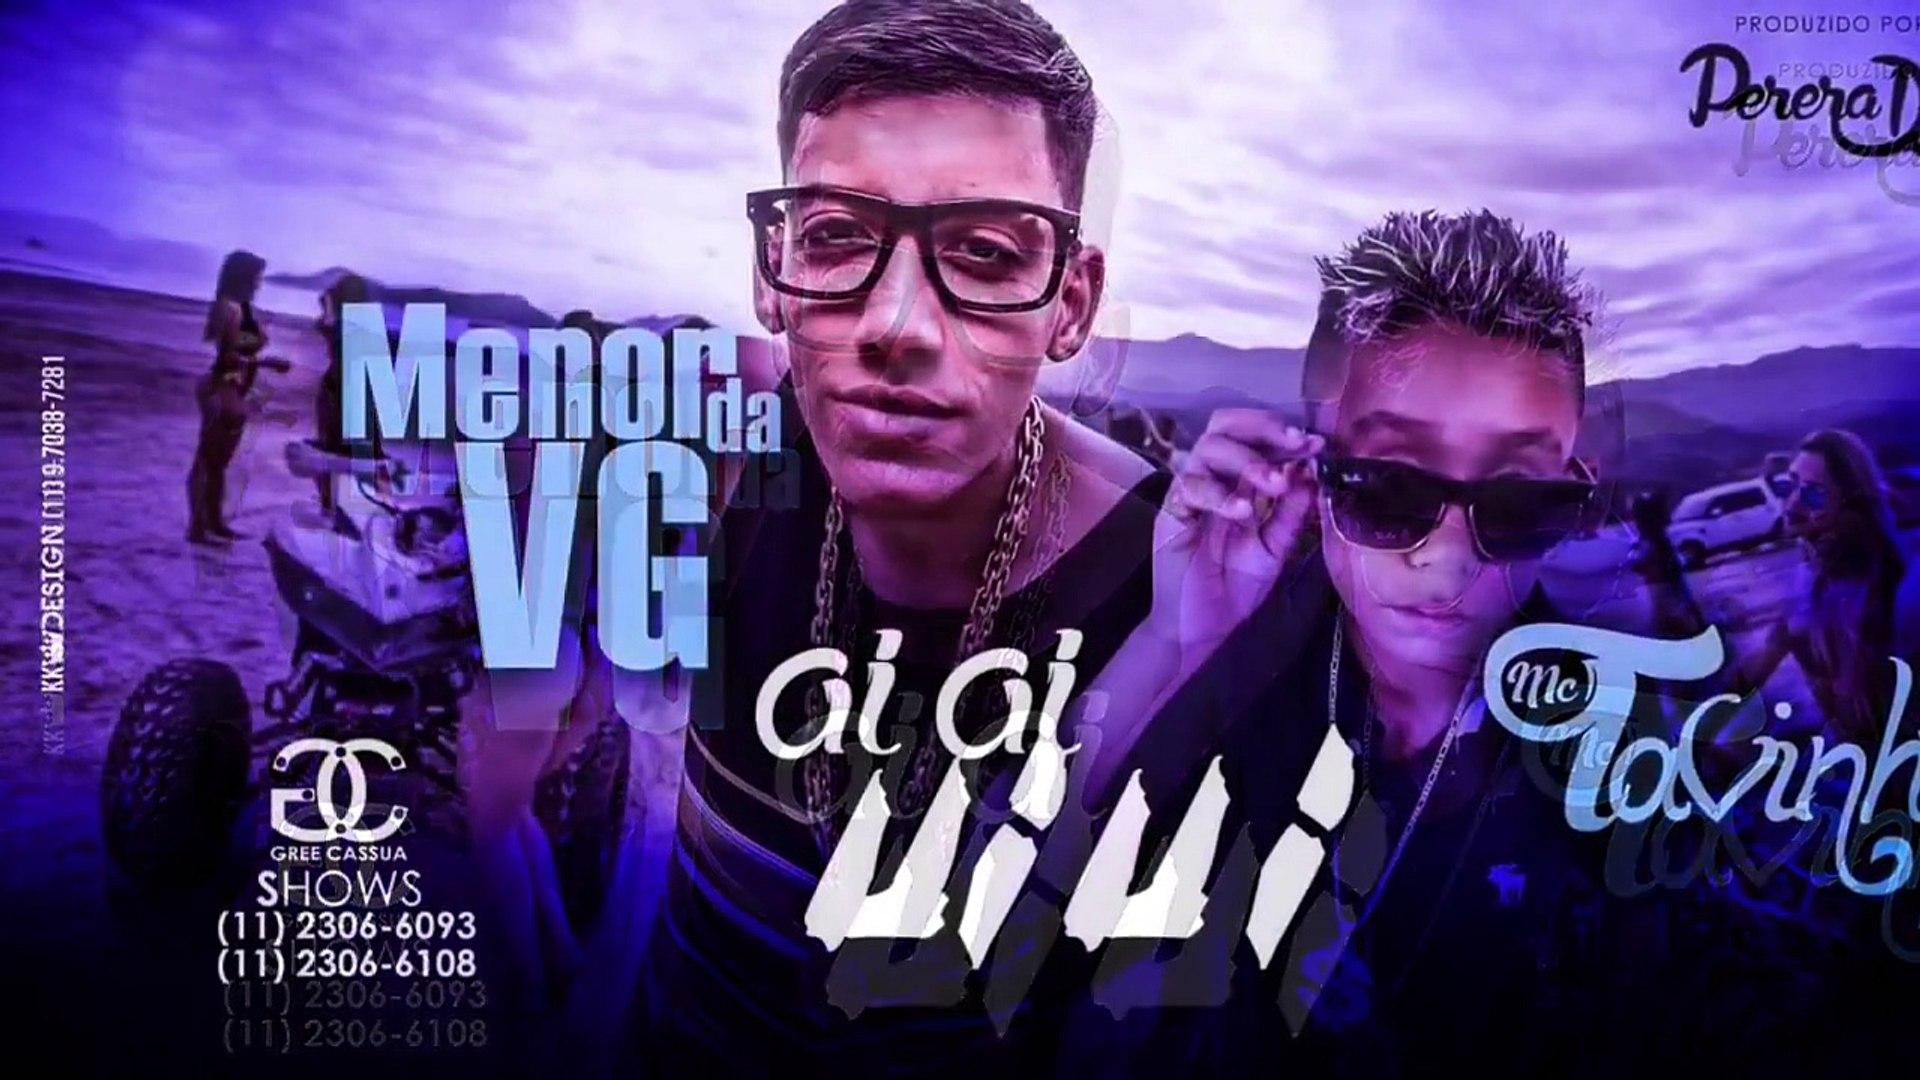 MC Menor da VG e MC Tavinho - Aiai Uiui - (Perera DJ) - Detona Funk SP